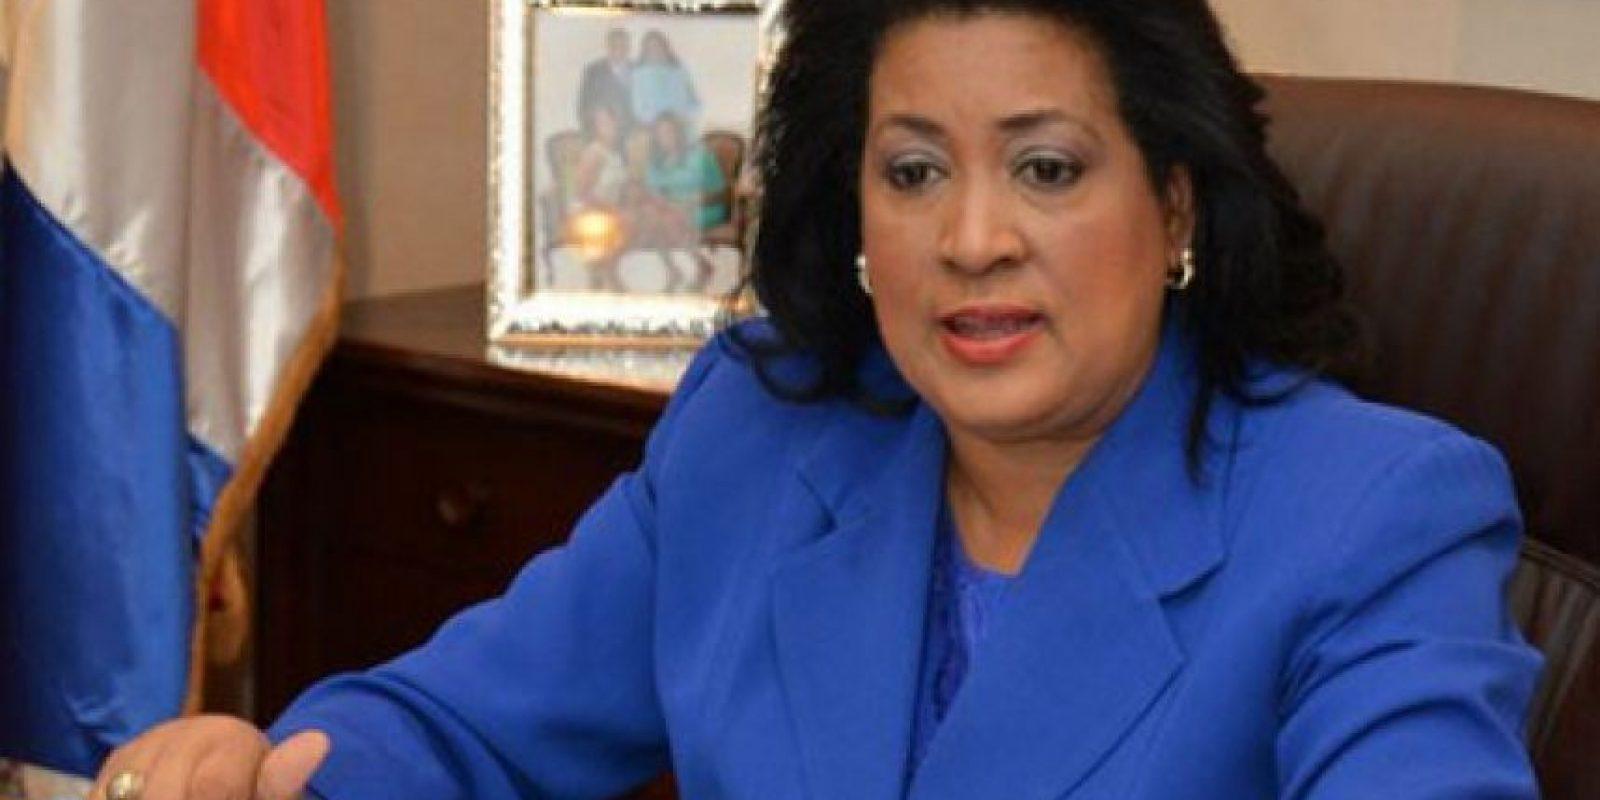 3) Cristina LizardoCon más del 60 % de los votos, se perfila como la senadora de Santo Domingo que continúa. Ha acumulado 18 años ocupando una posición congresual; desde 1998 hasta 2002, diputada del DN y desde 2002 hasta 2006 diputada por SD. Tiene el puesto de senadora por Santo Domingo desde agosto de 2006; llegó hasta la presidenta de la cámara alta en 2014. Foto:Fuente Externa